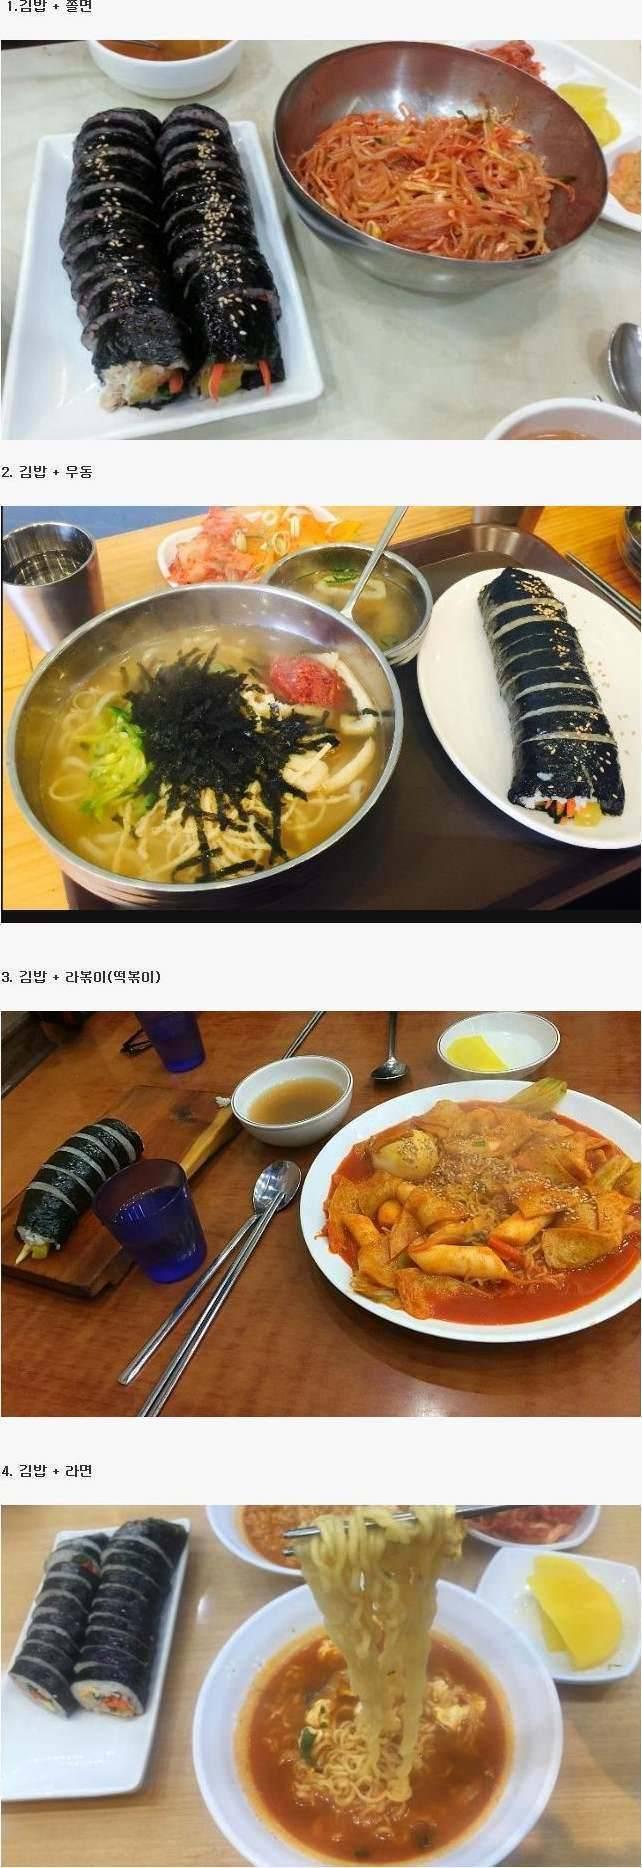 김밥 최고의 파트너는?